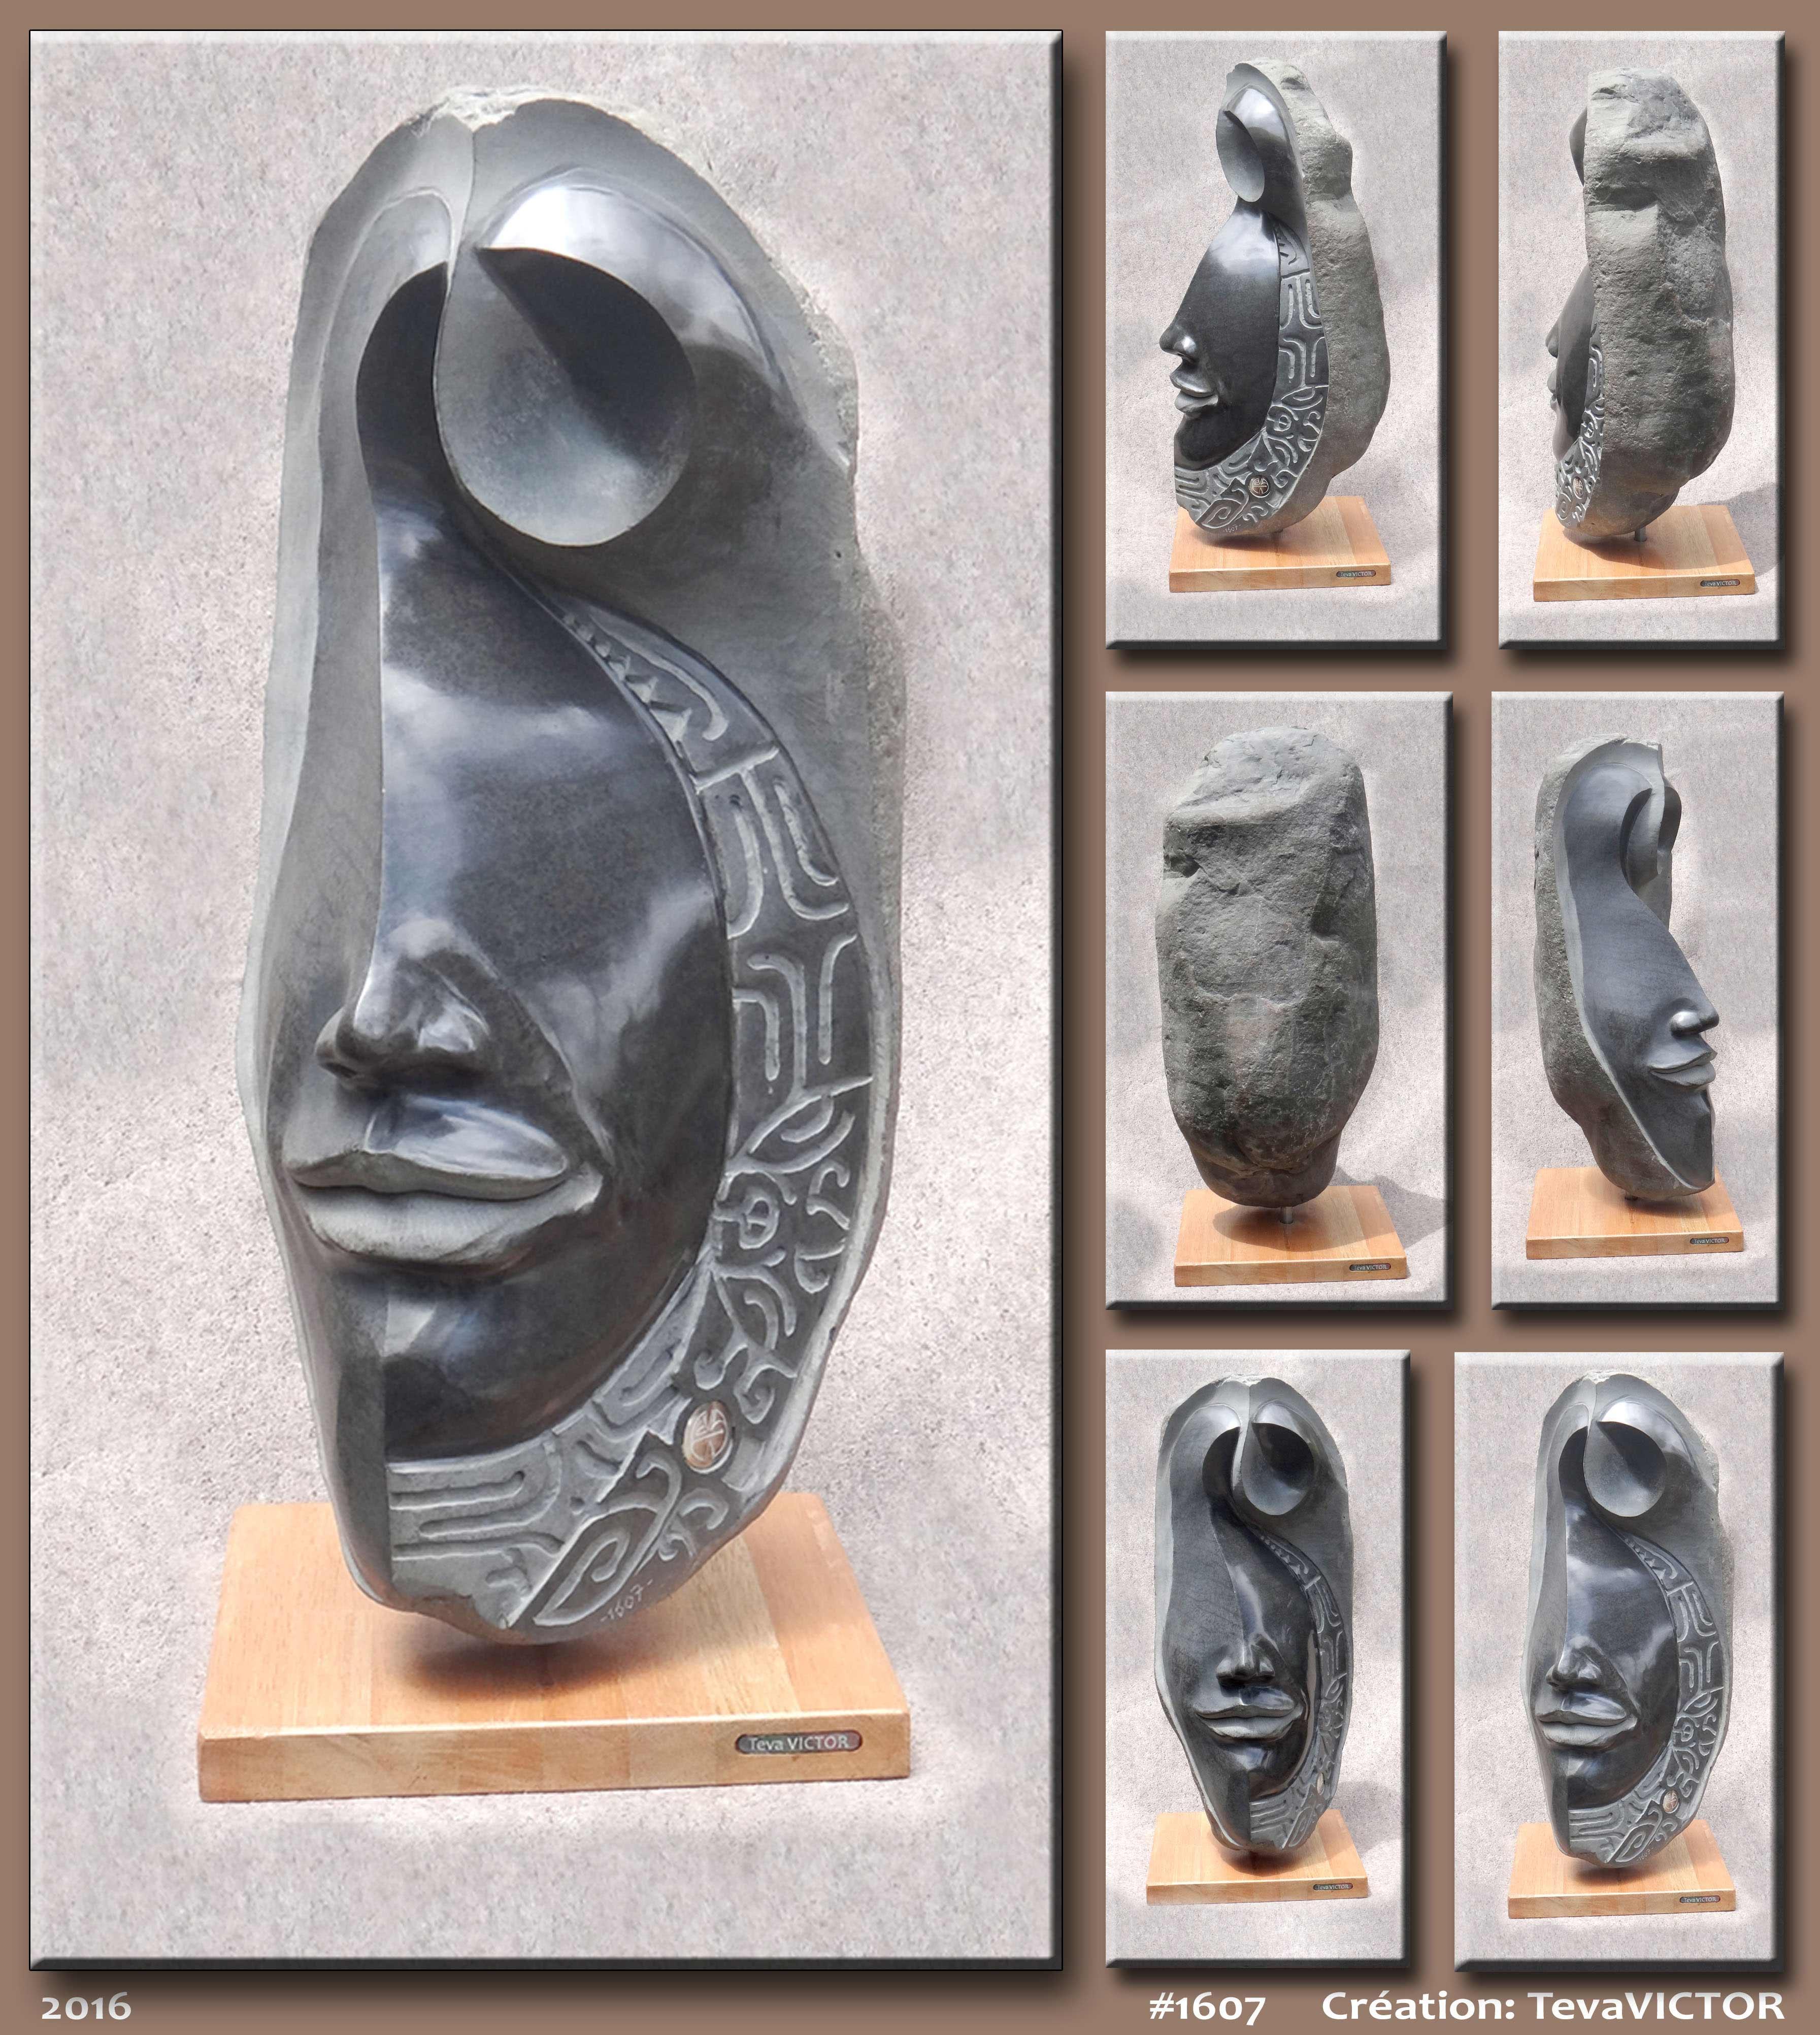 Les œuvres d'art sont caractérisées par des visages métissés d'inspiration polynésienne.